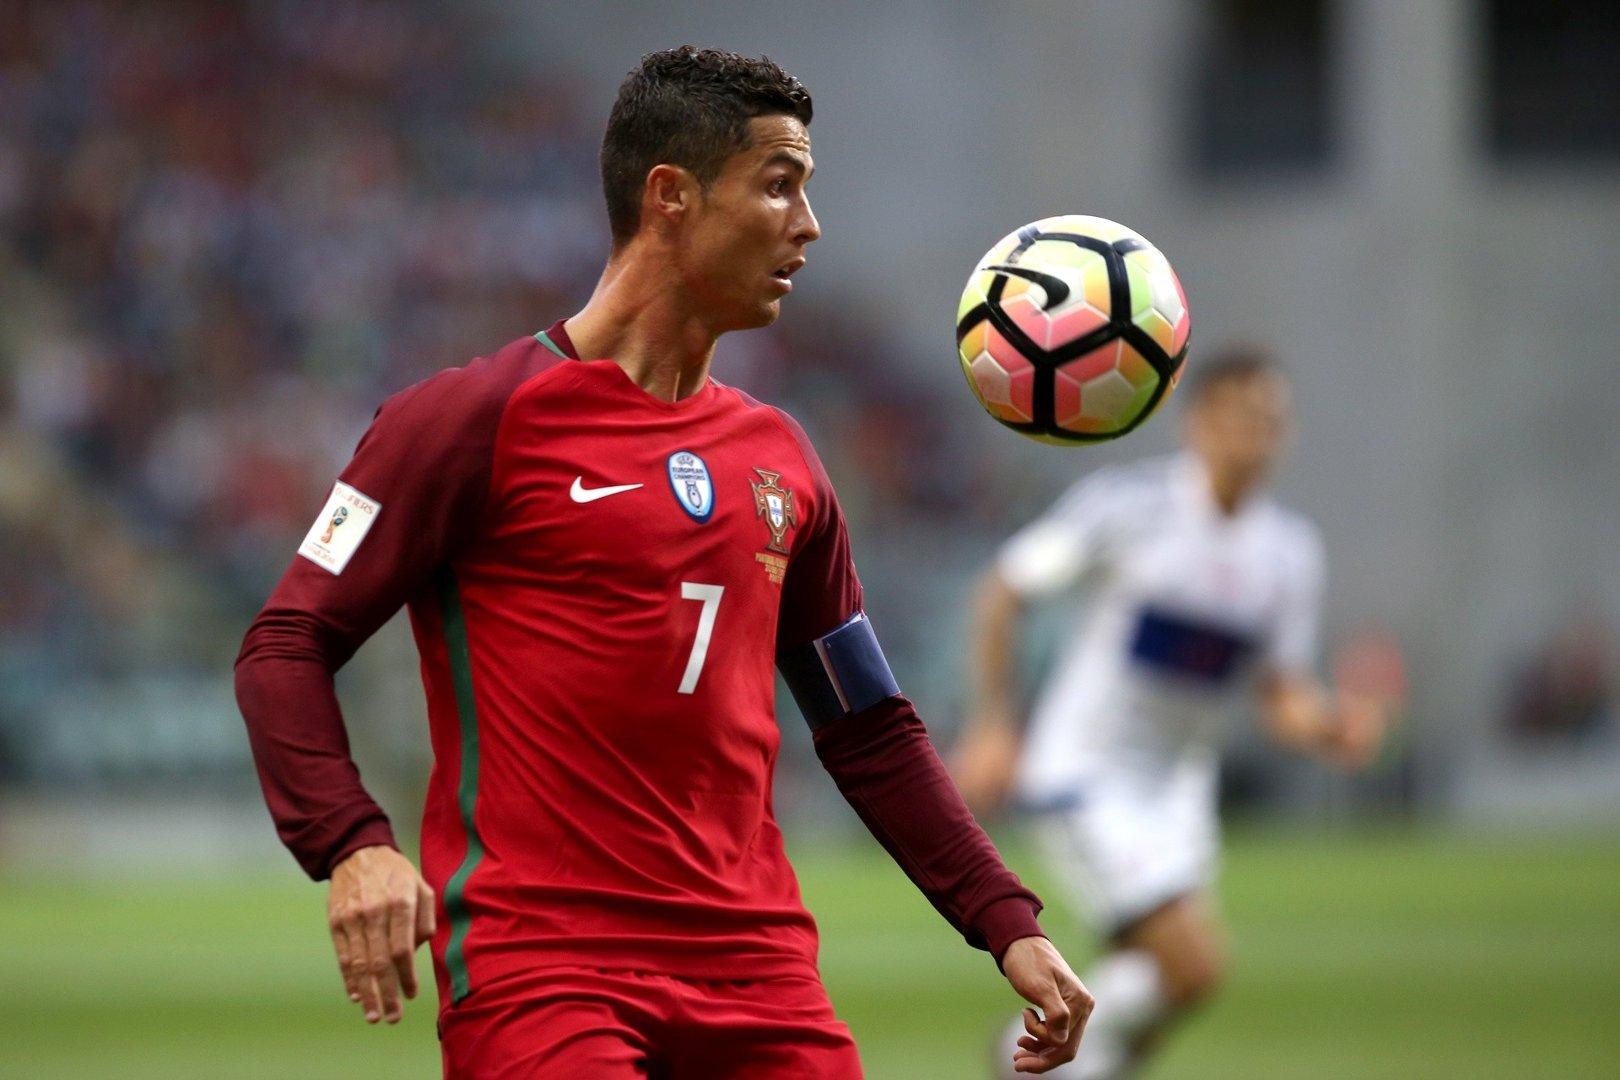 9a17fd7c6 MŚ 2018: Portugalia - Hiszpania ONLINE. W absolutnym hicie pierwszej  kolejki rozgrywek grupowych Mistrzostw Świata 2018 w Rosji na Stadionie  Olimpijskim w ...